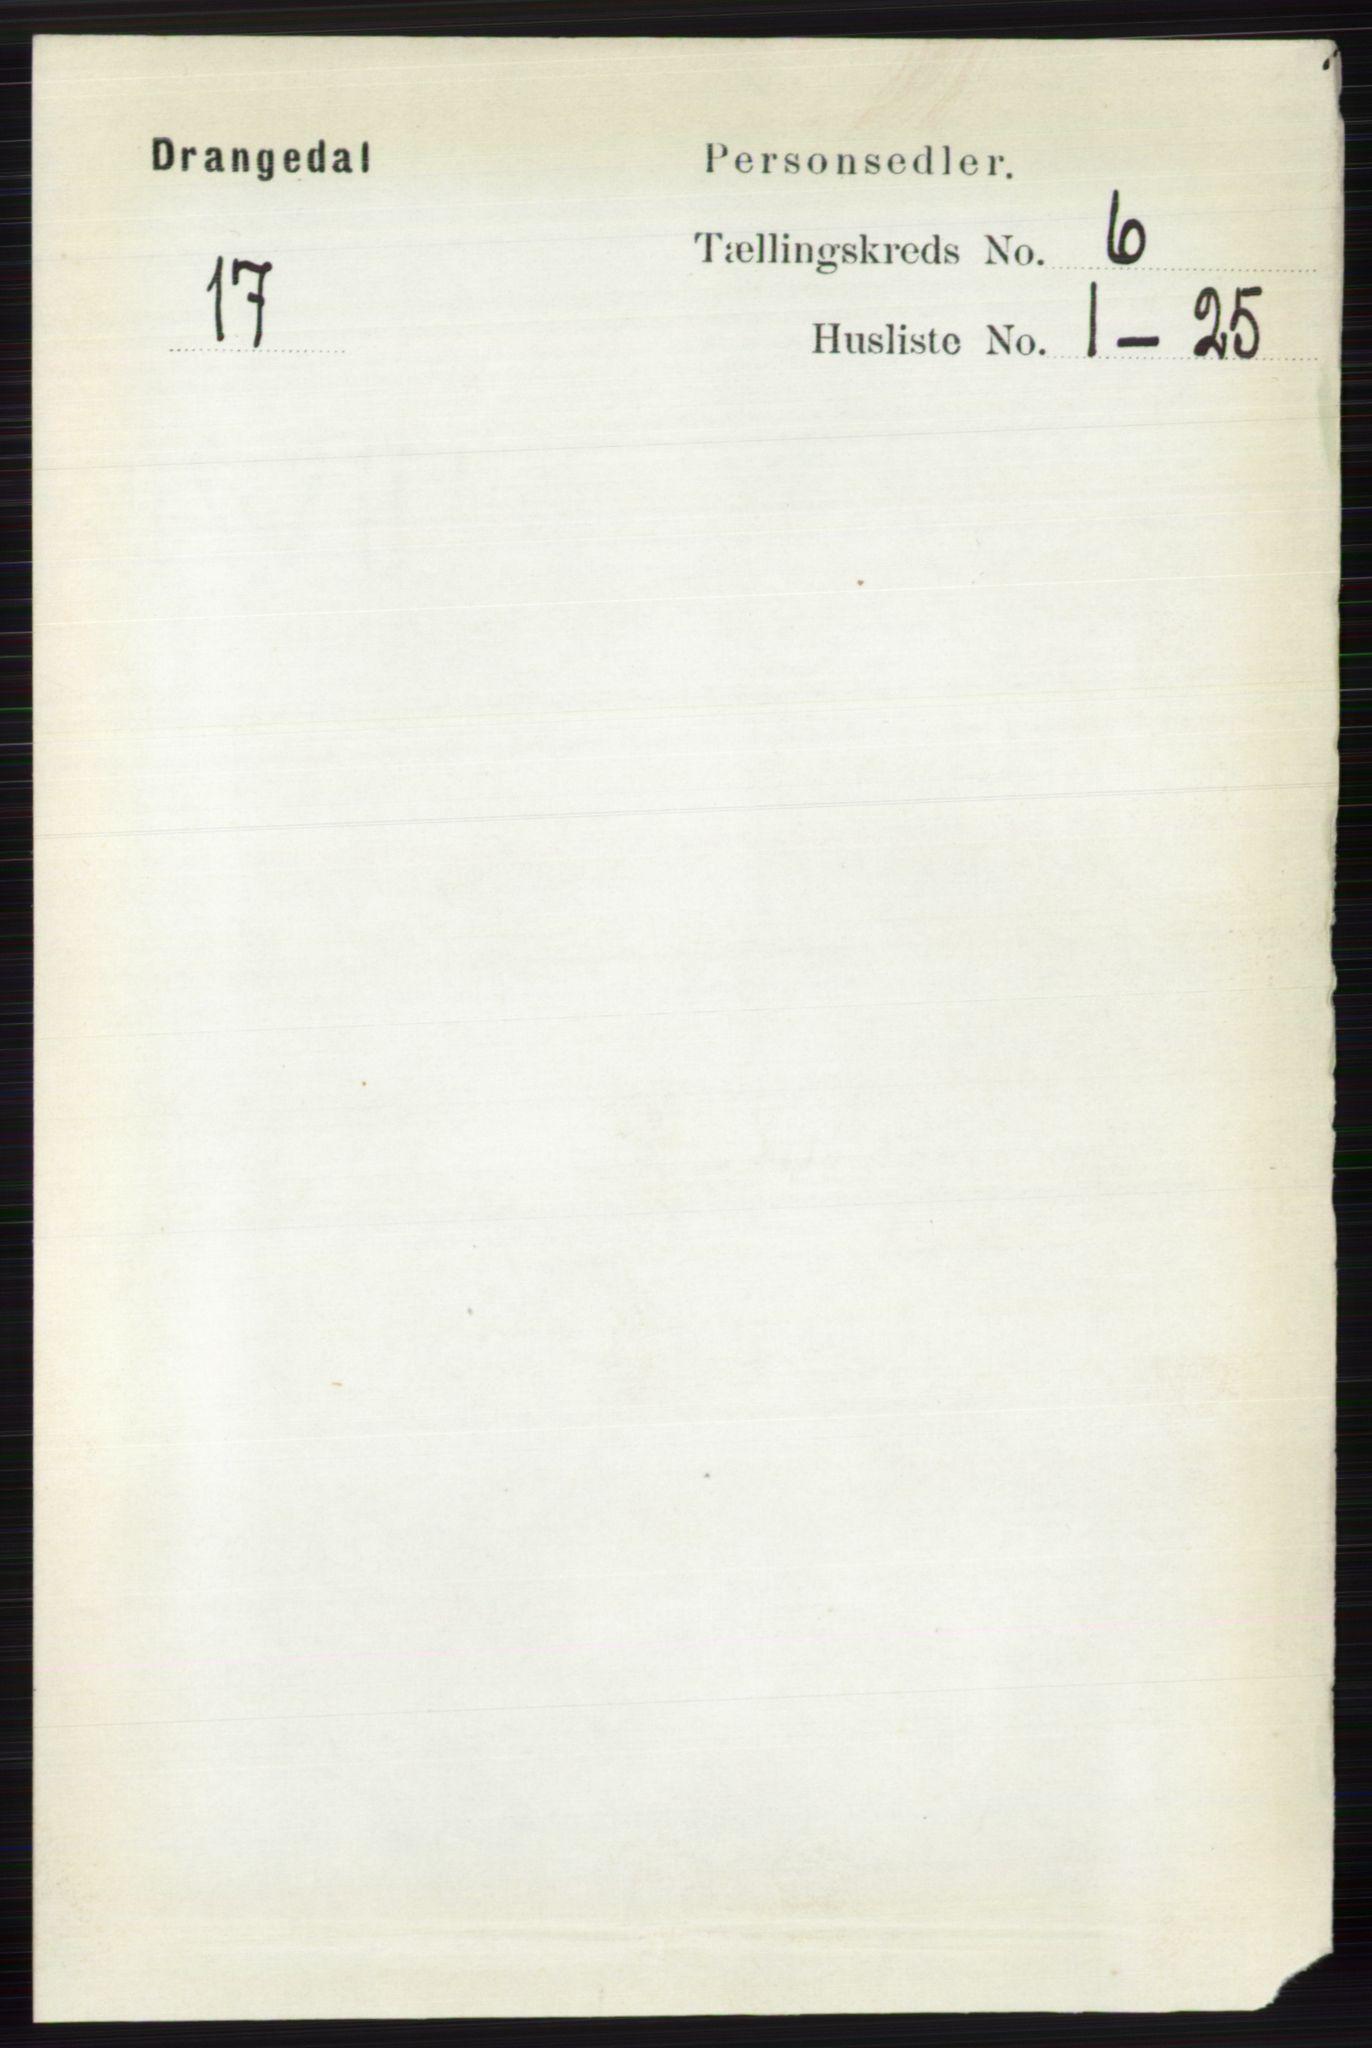 RA, Folketelling 1891 for 0817 Drangedal herred, 1891, s. 1975